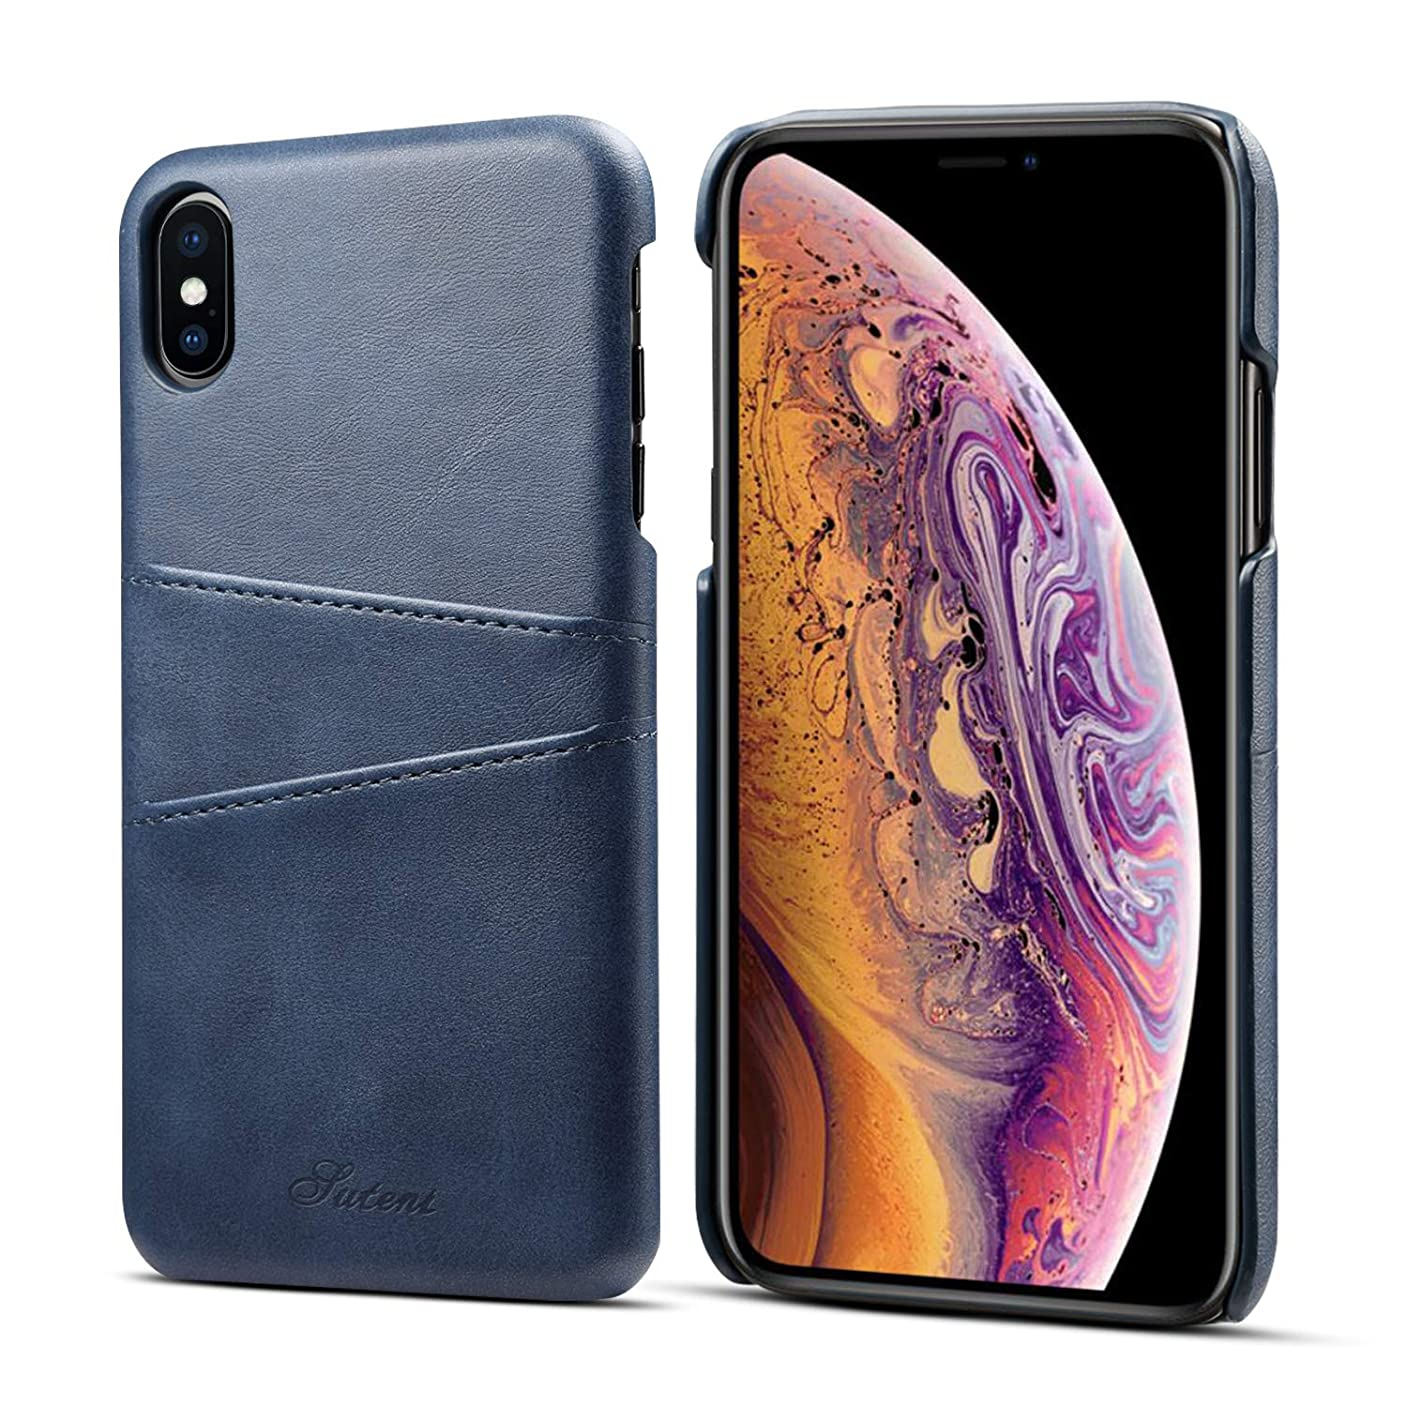 壁差別的持続的iPhone XS Maxのための財布ケース、カード/ IDホルダースロット付きtaStoneプレミアムPUレザー電話ケースカバー6.5インチiPhone XS Maxのための軽量クラシックスタイルスリム保護スクリーンケース、ライトブラウン